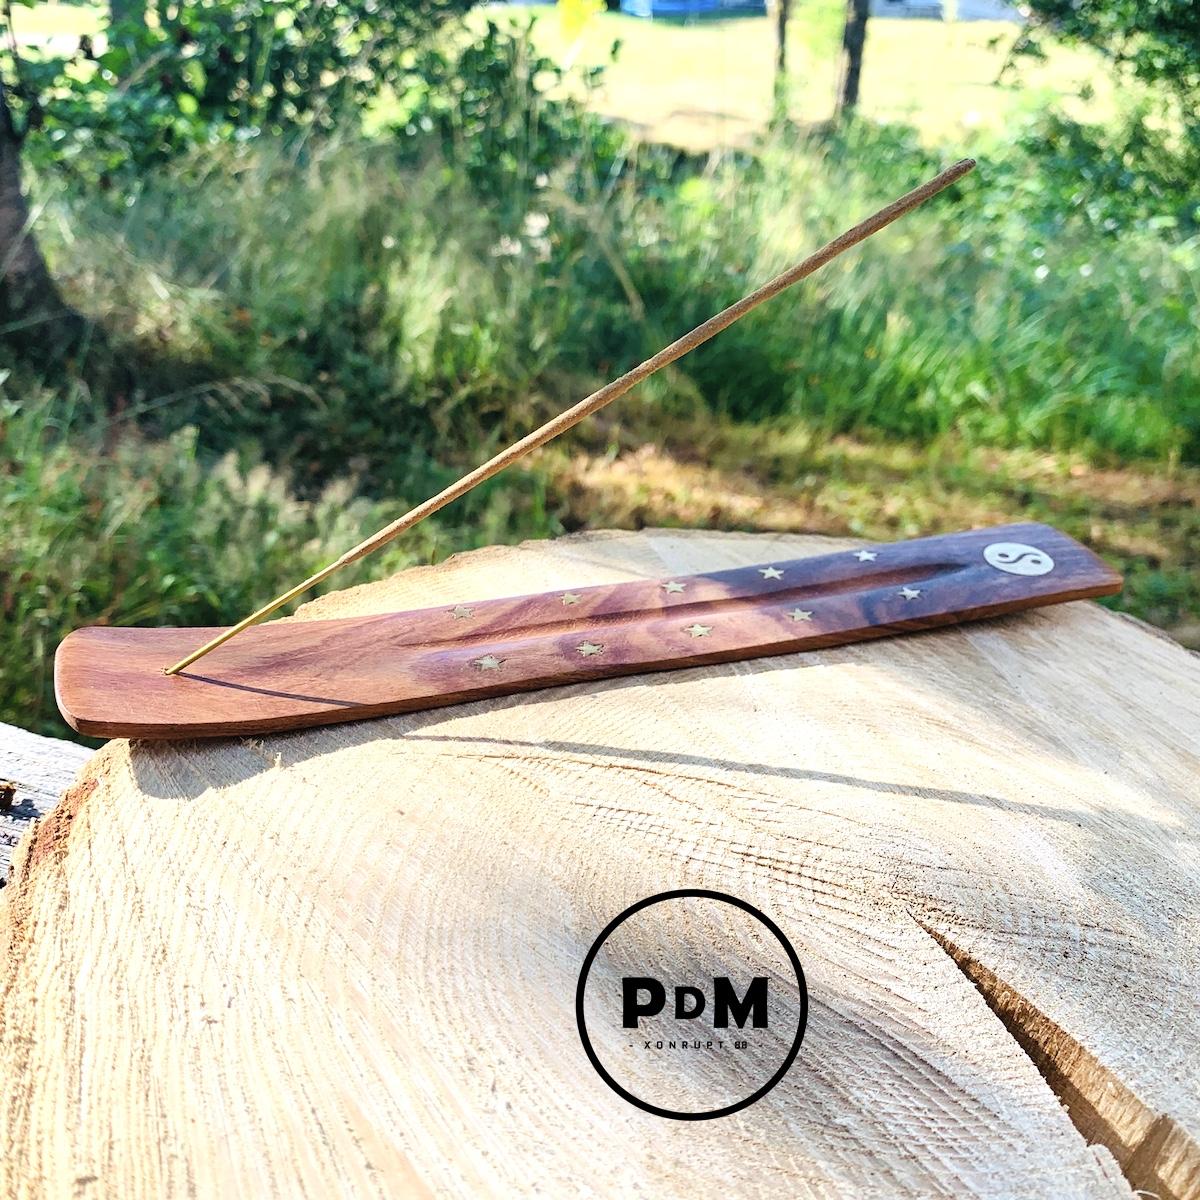 Porte-encens plat simple en bois Longueur 26 cm